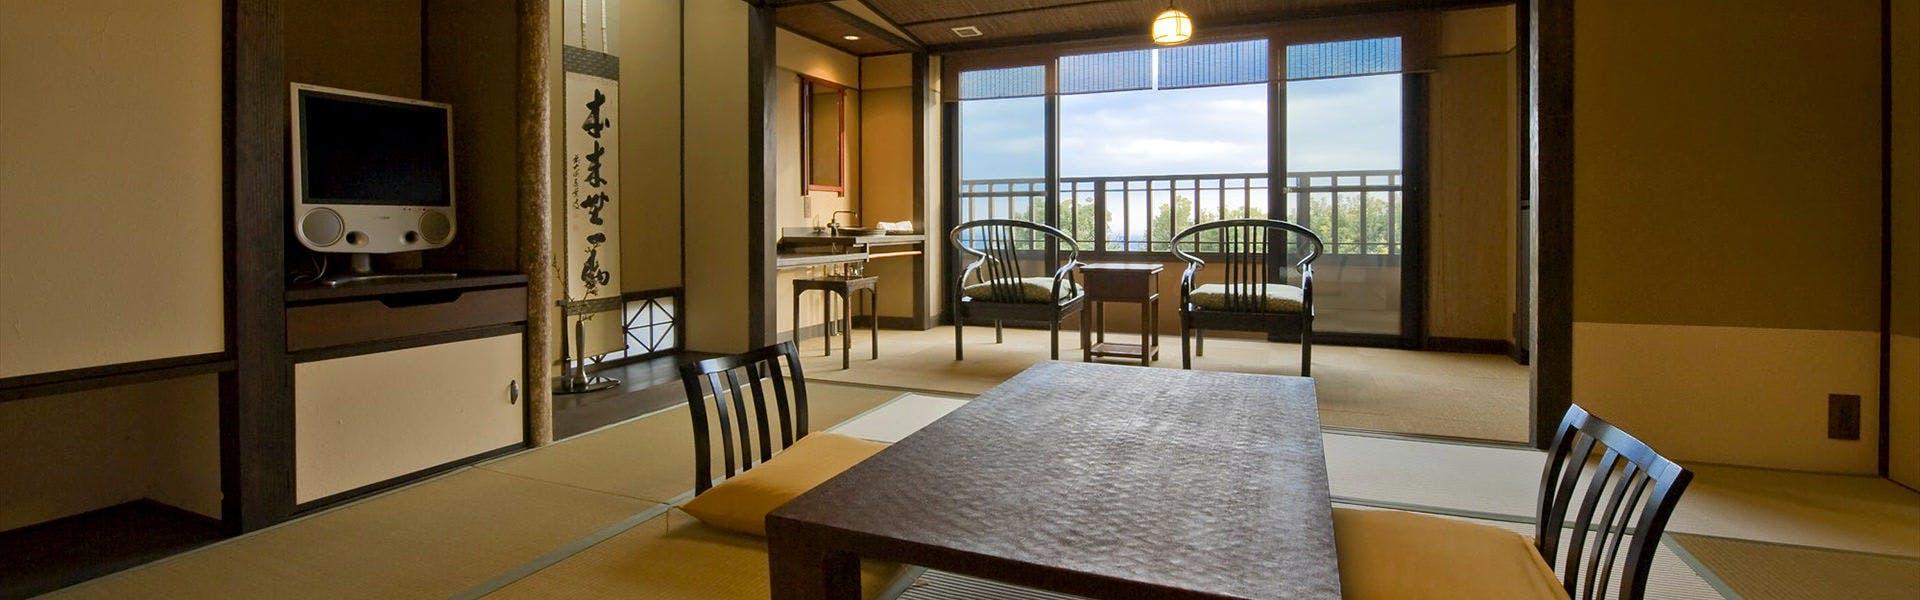 記念日におすすめのホテル・お宿うち山の写真2